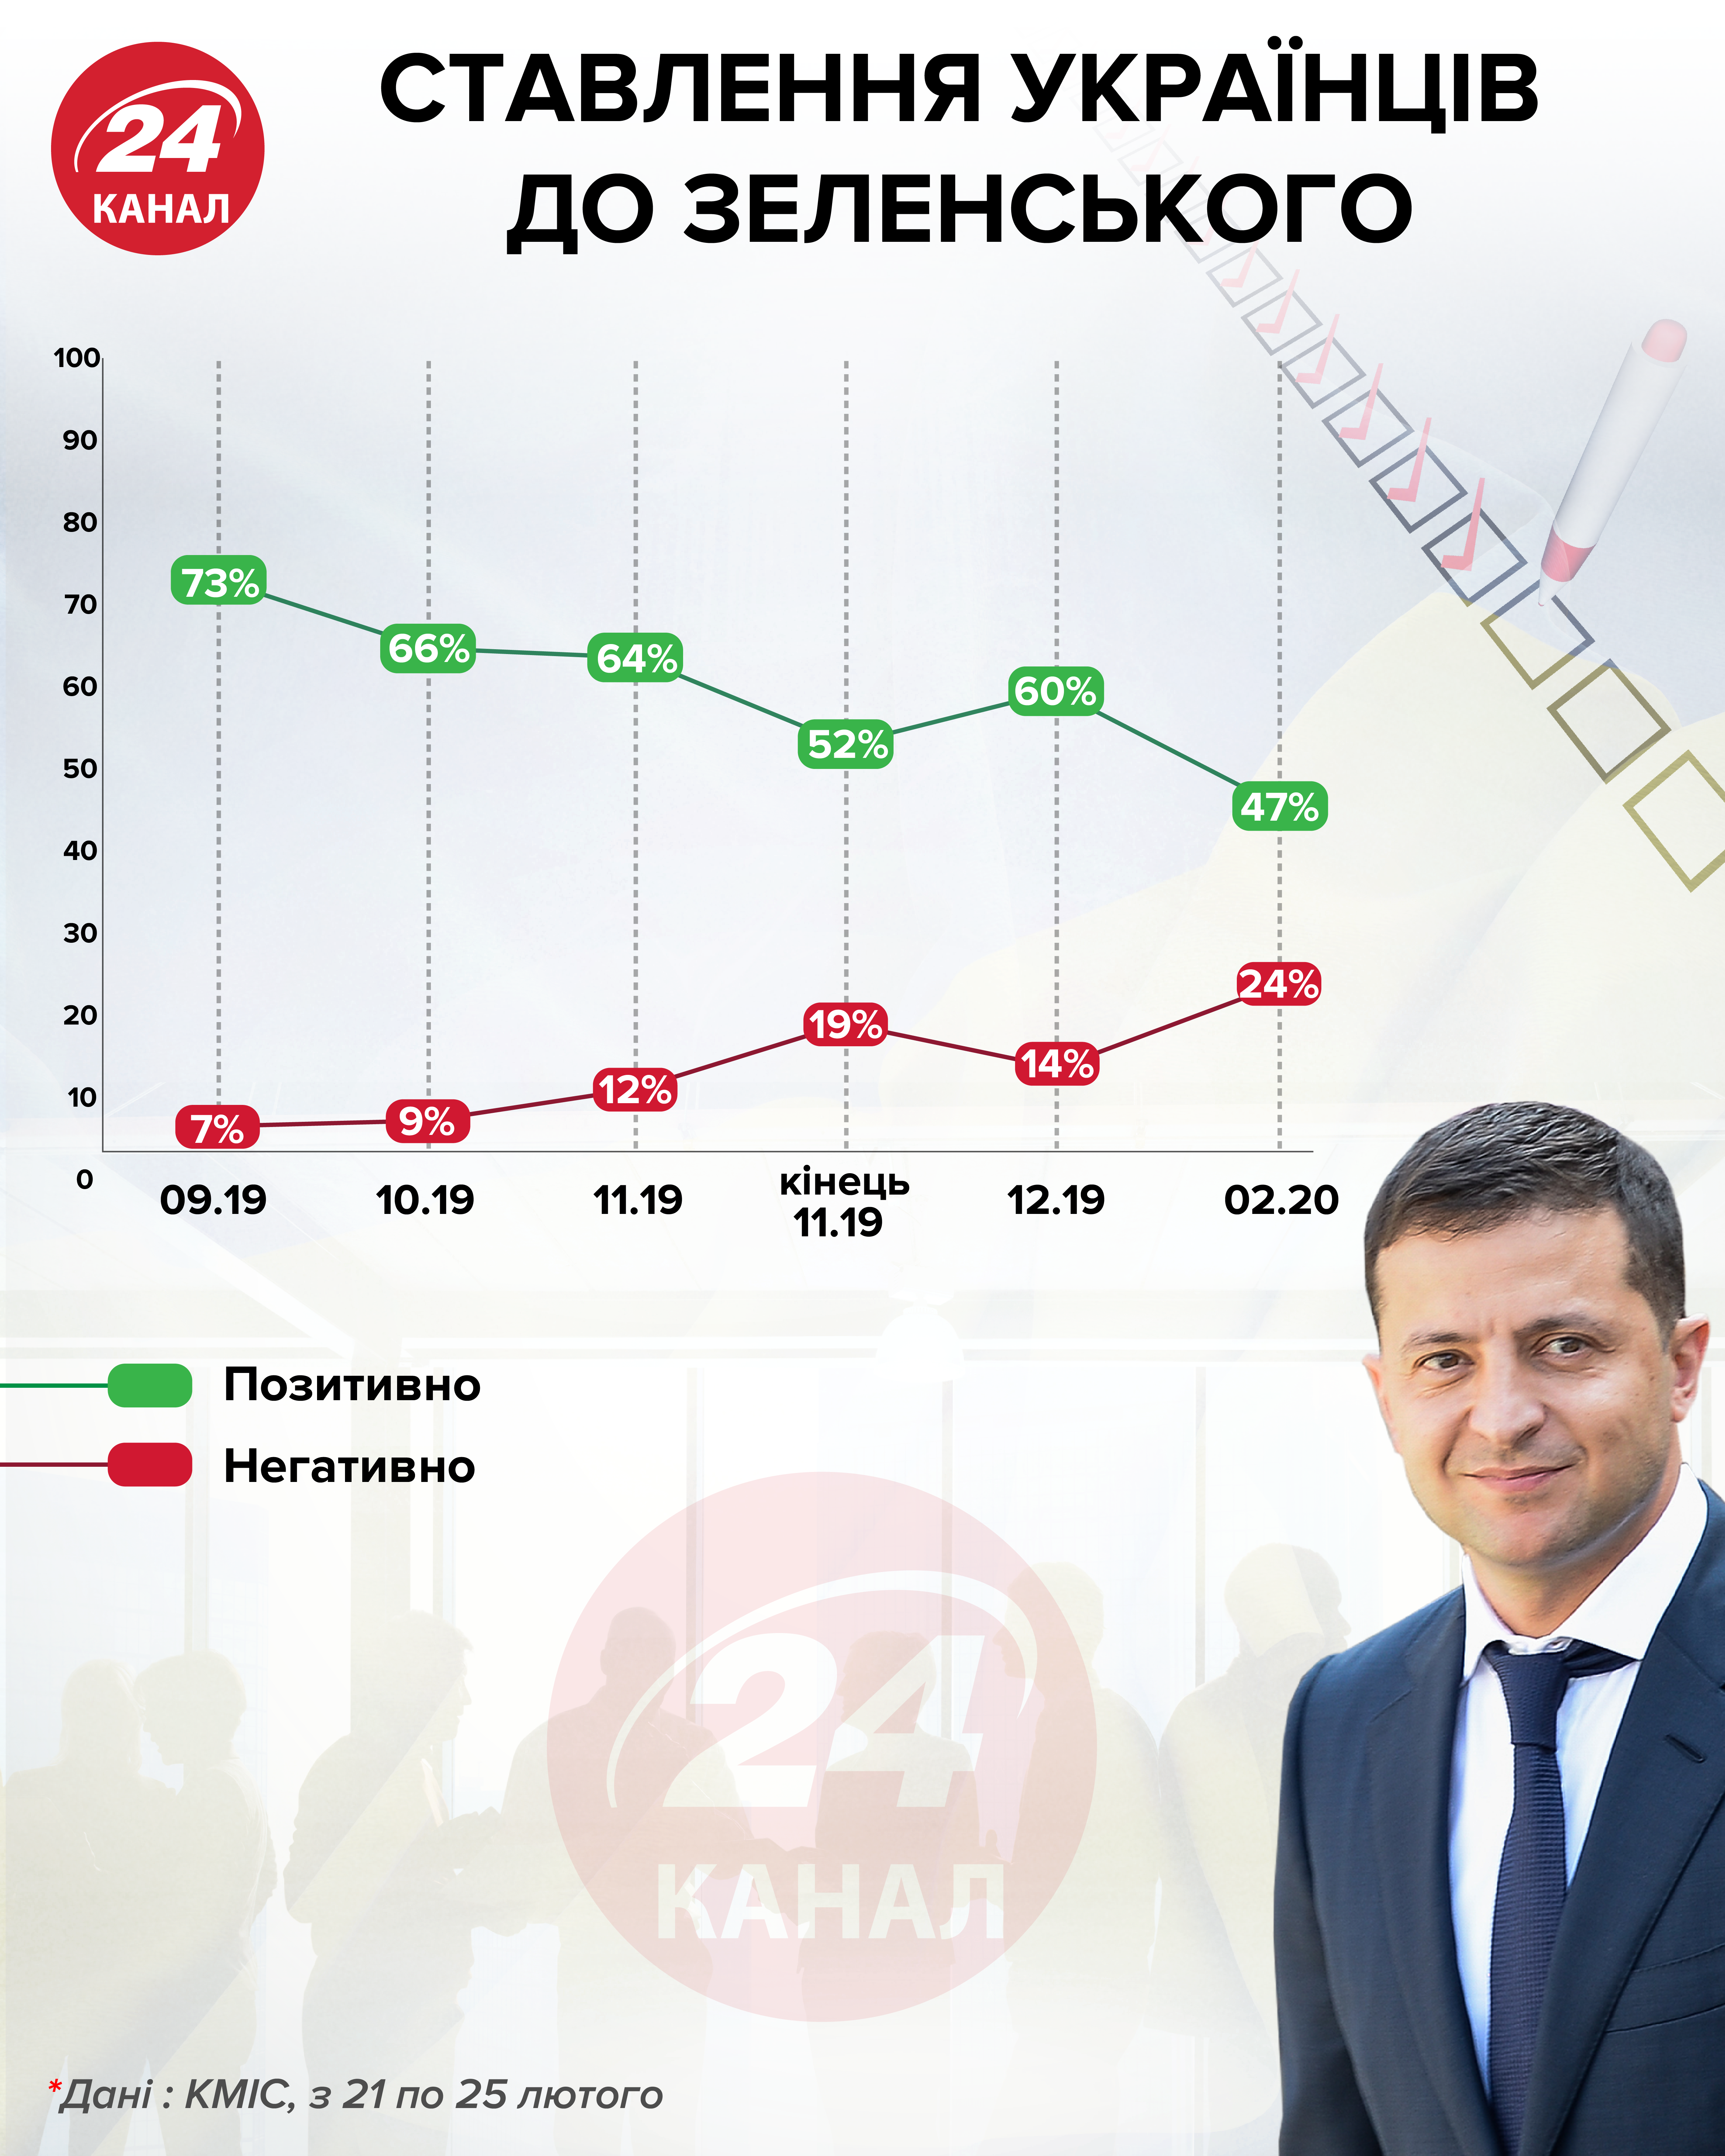 Ставлення до Зеленського інфографіка 24 канал